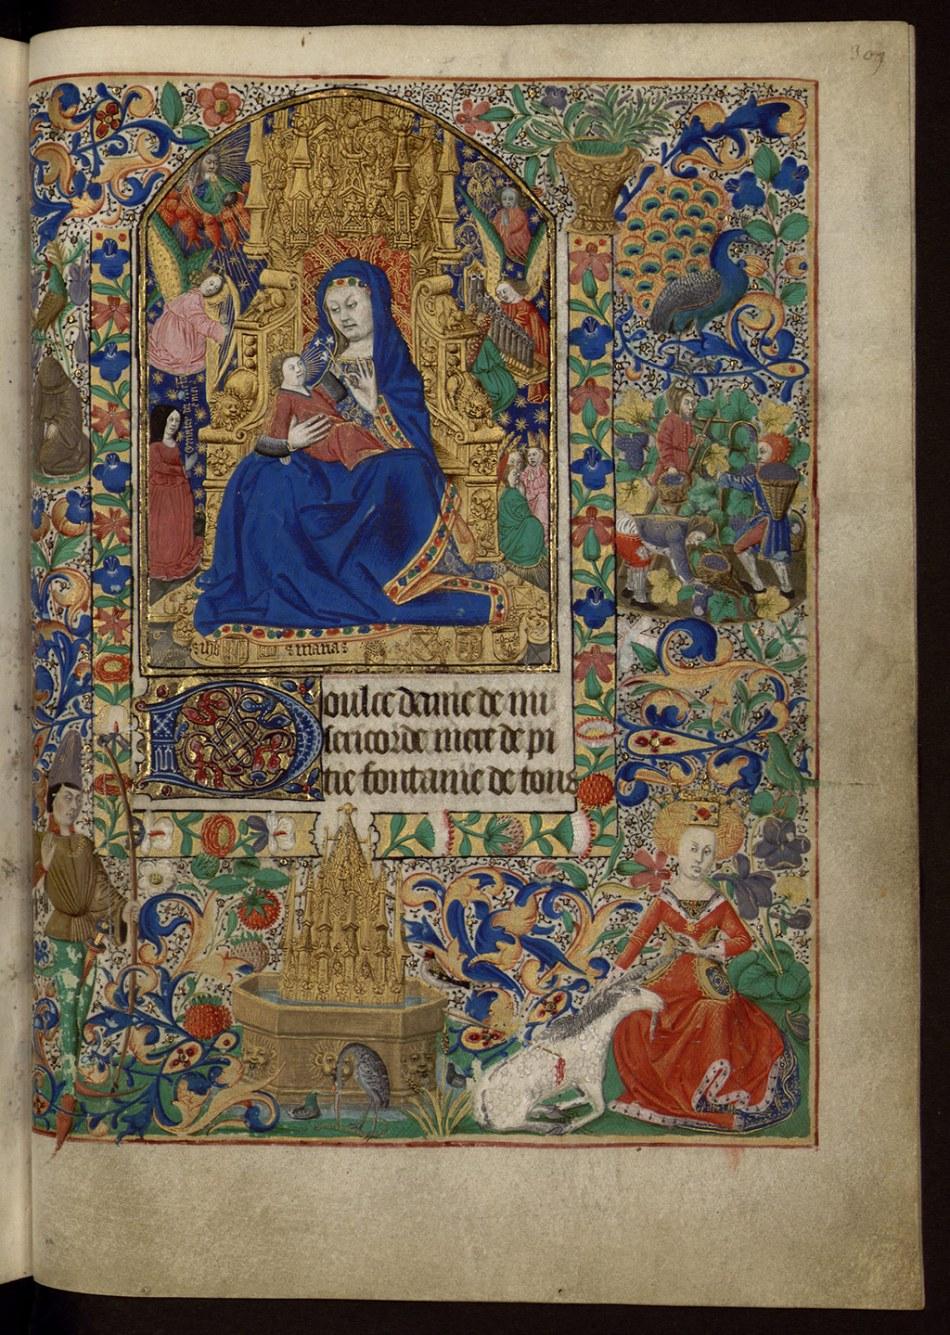 La Vierge et la chasse à la licorne, enluminure sur parchemin